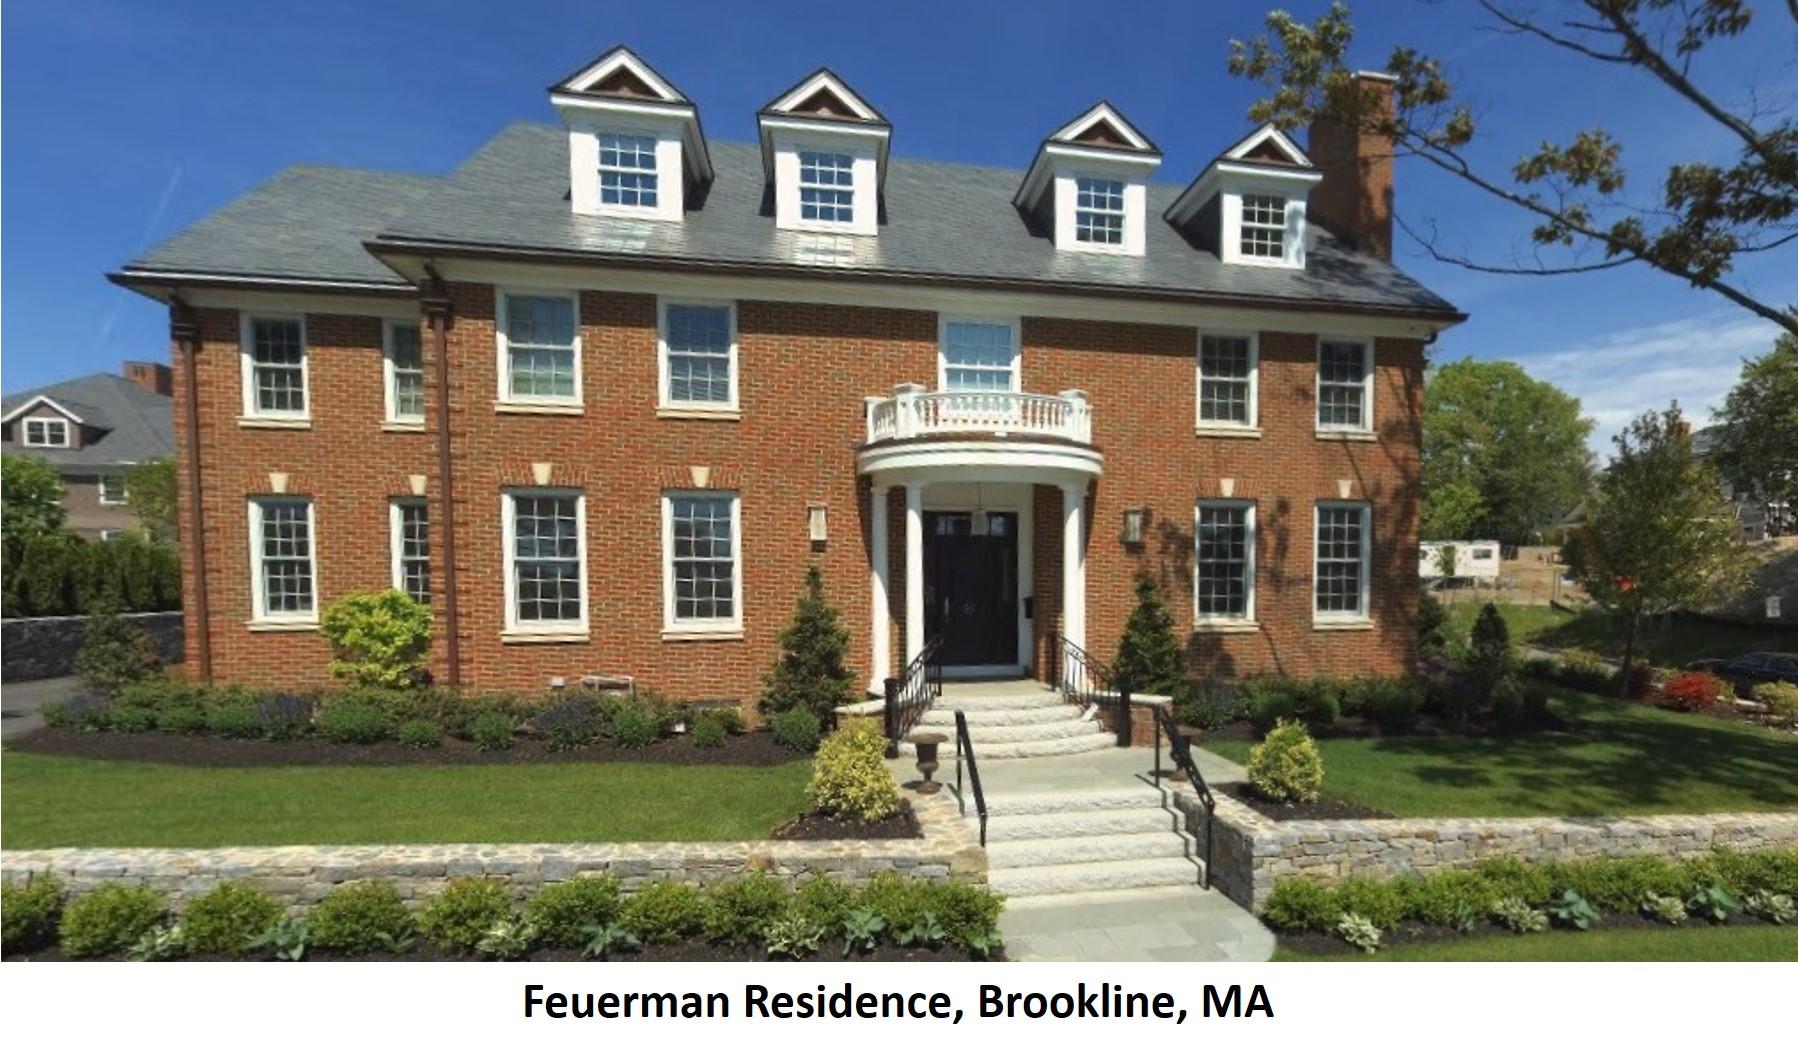 Feuerman Residence Brookline MA